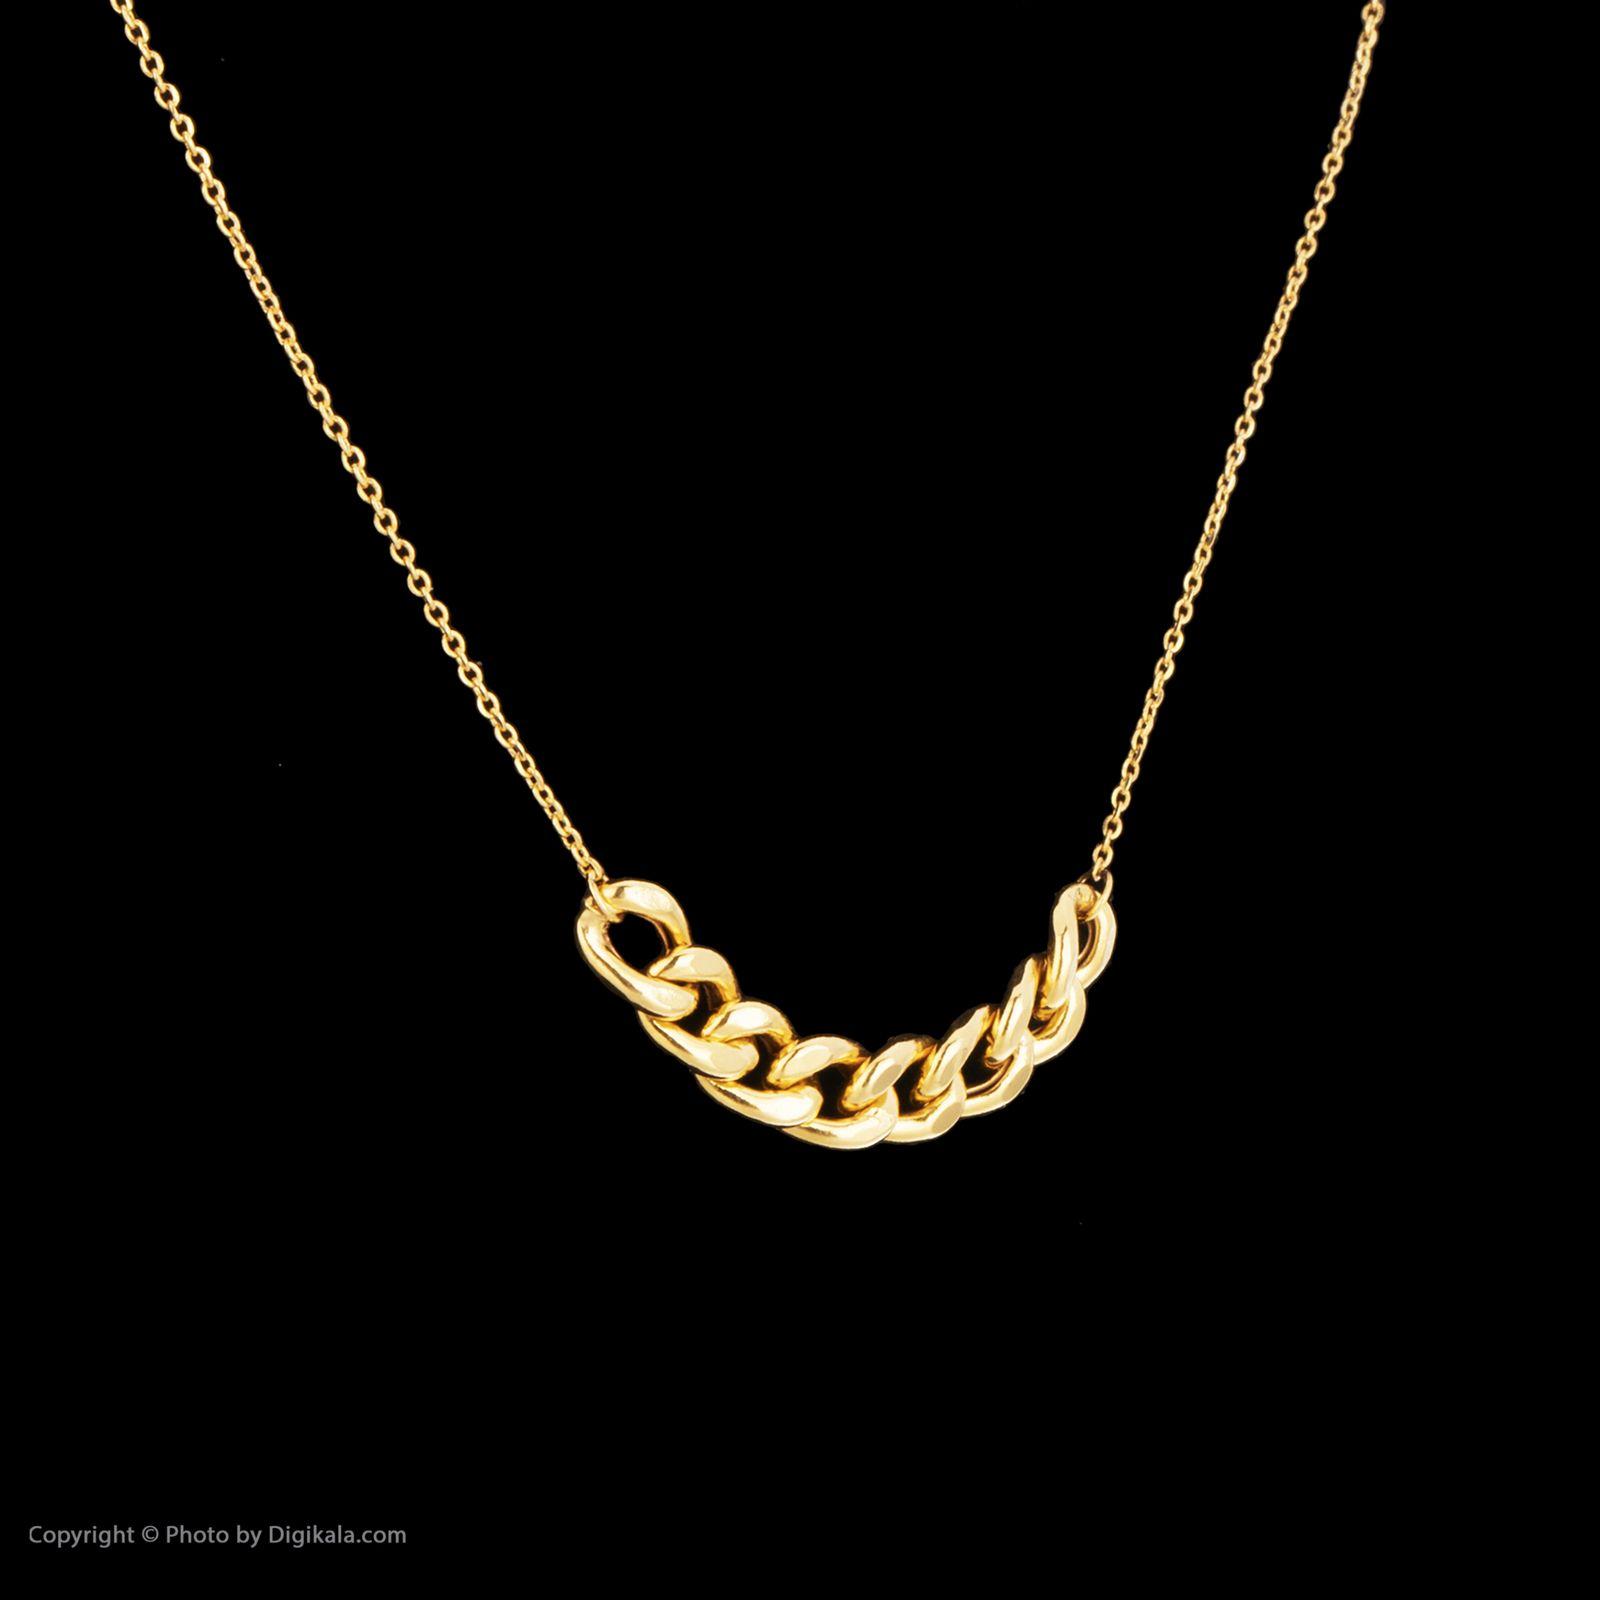 گردنبند طلا 18 عیار زنانه مایا ماهک مدل MM0994 -  - 2